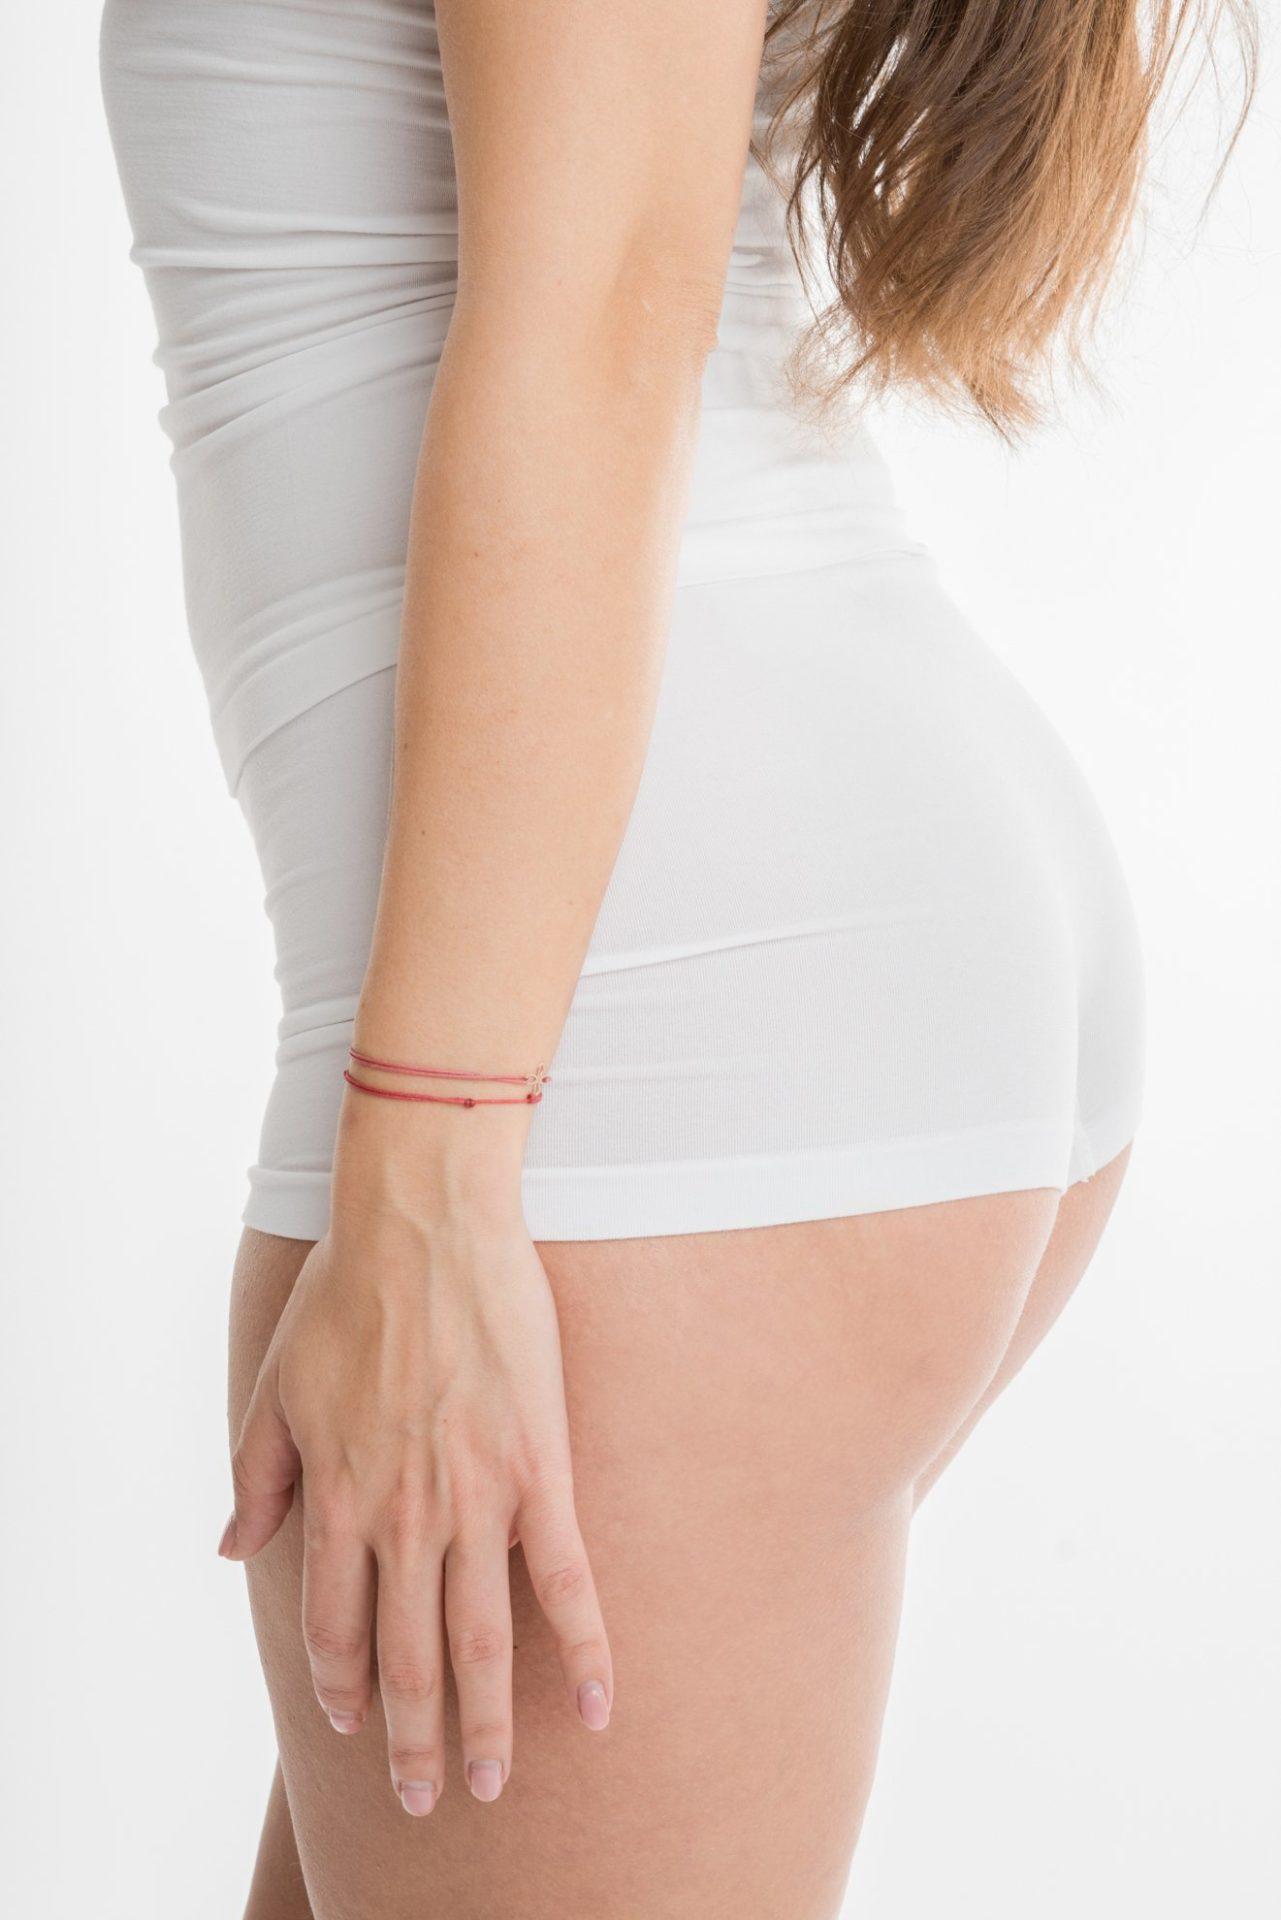 pierdere în greutate ovrală